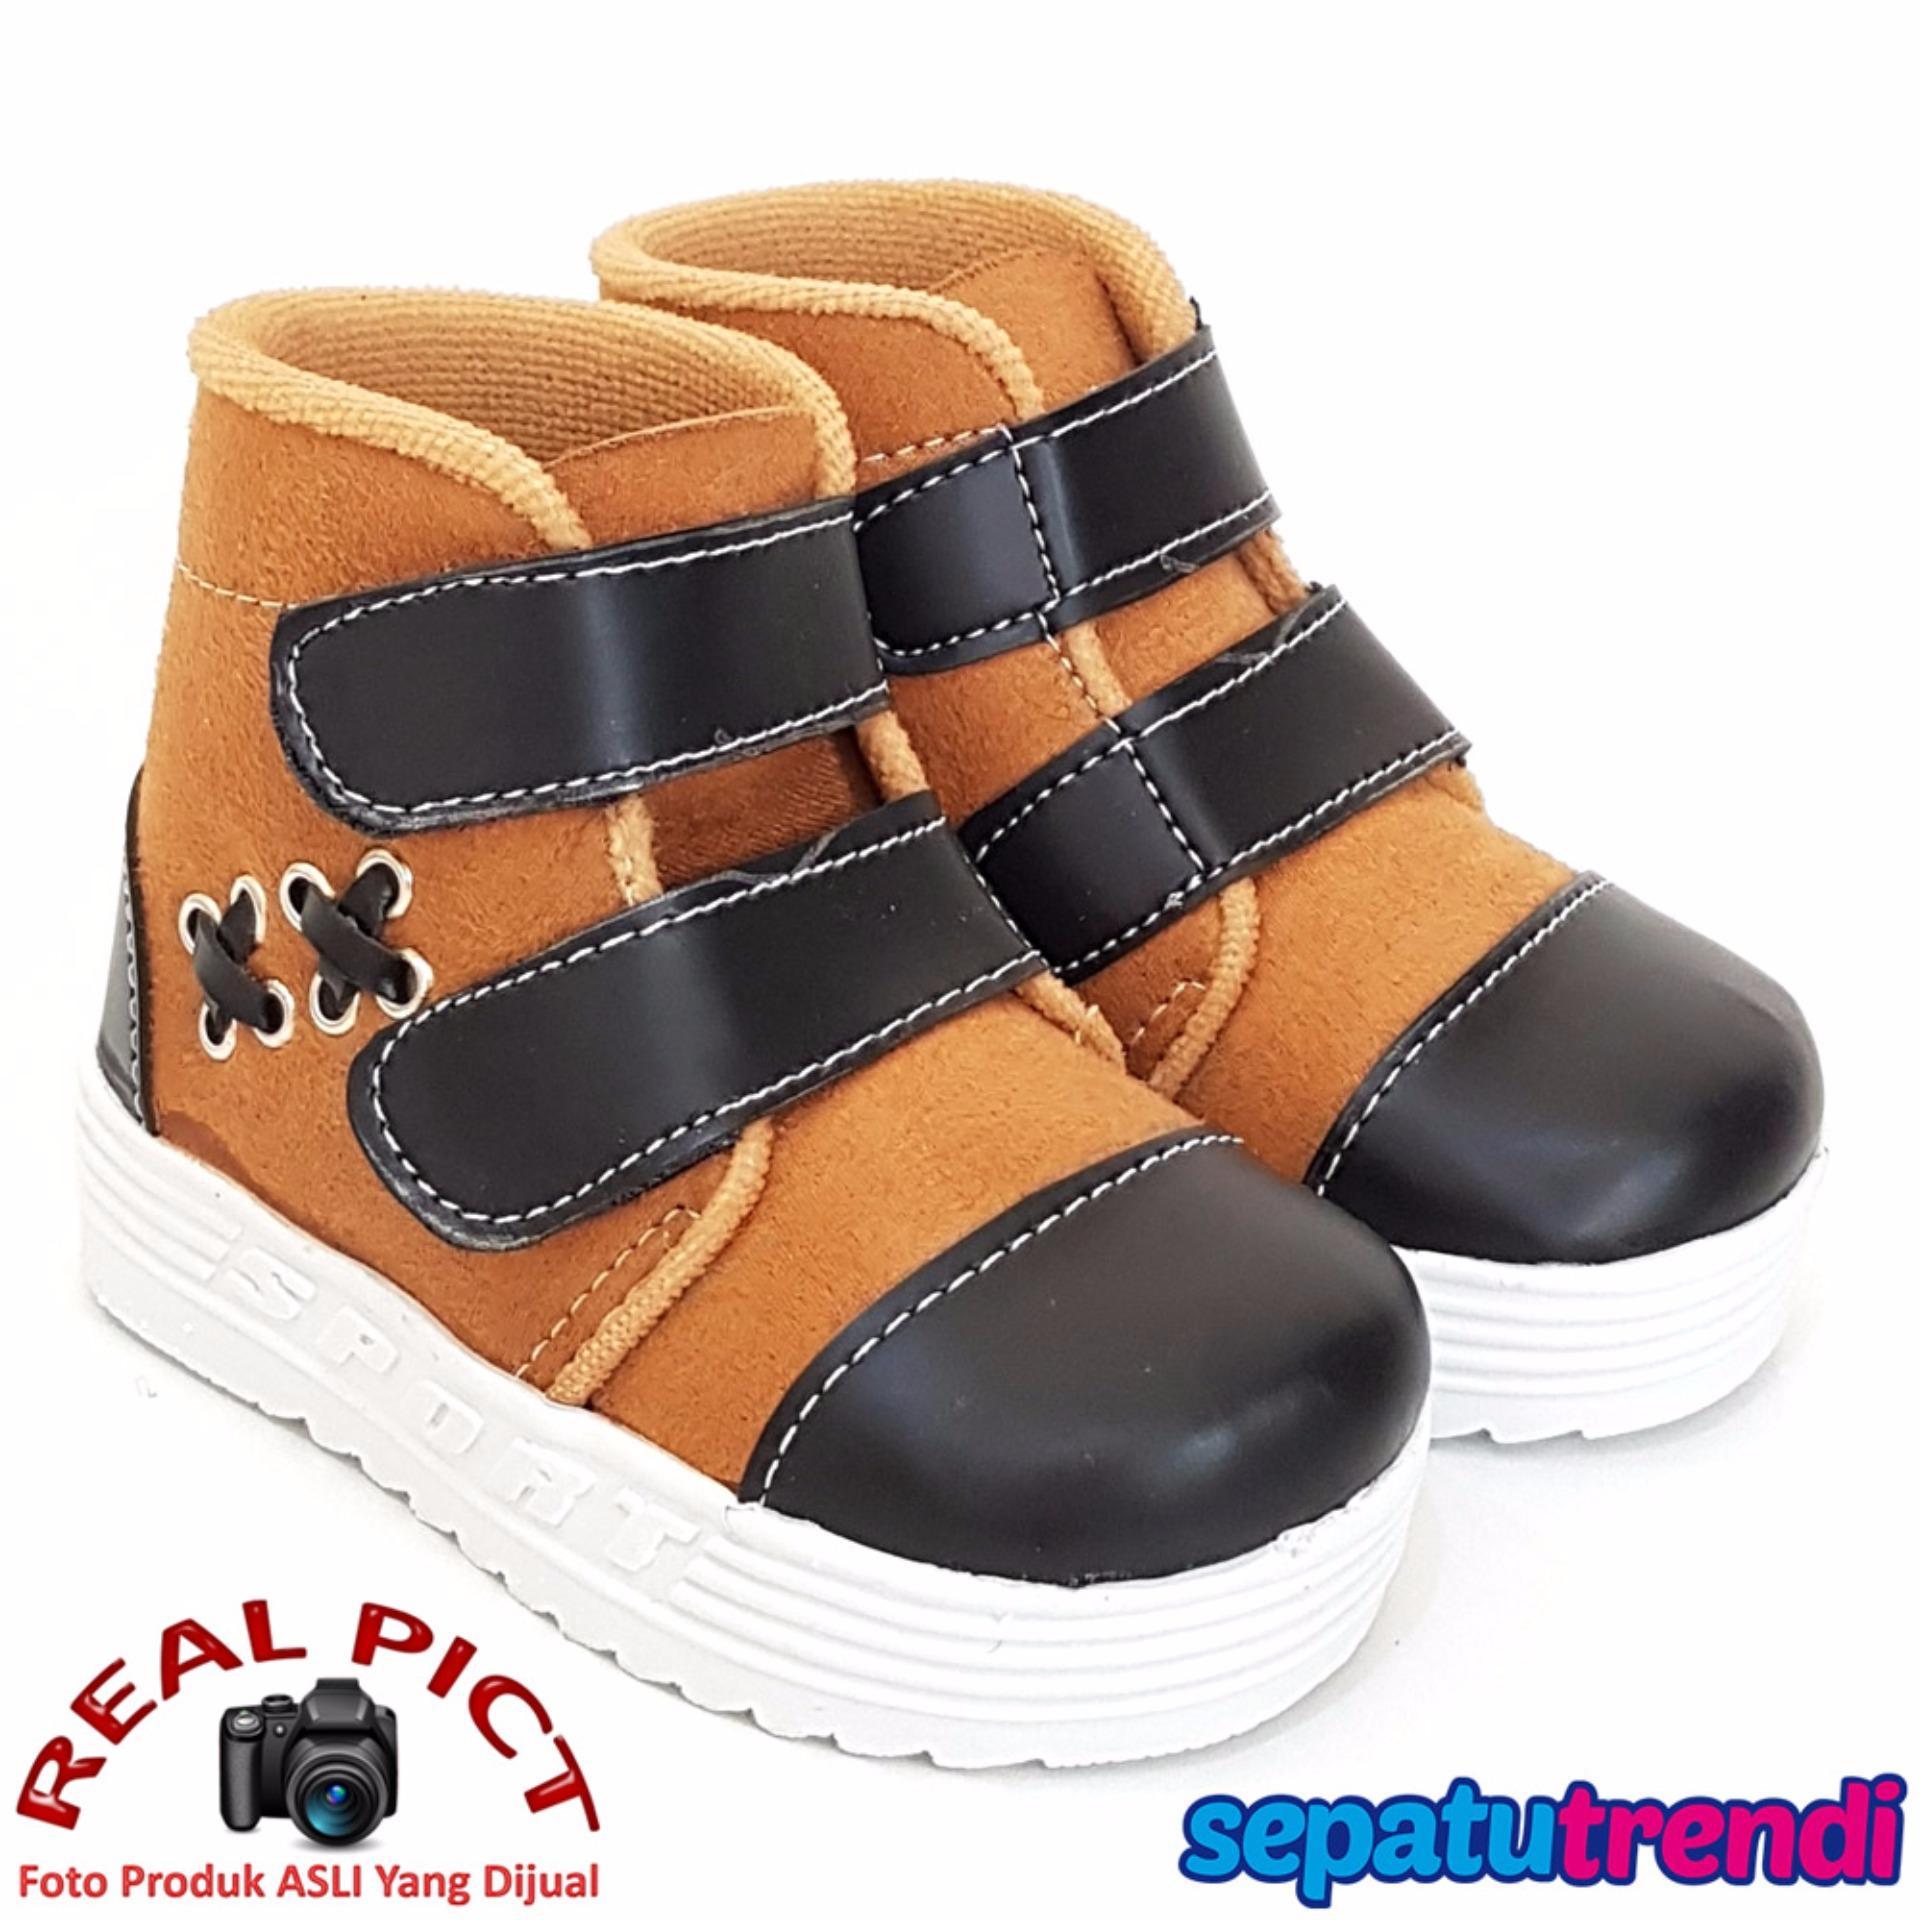 Harga Trendishoes Sepatu Boot Anak Laki Suede Velcro Xxsp Tan Hitam Yg Bagus